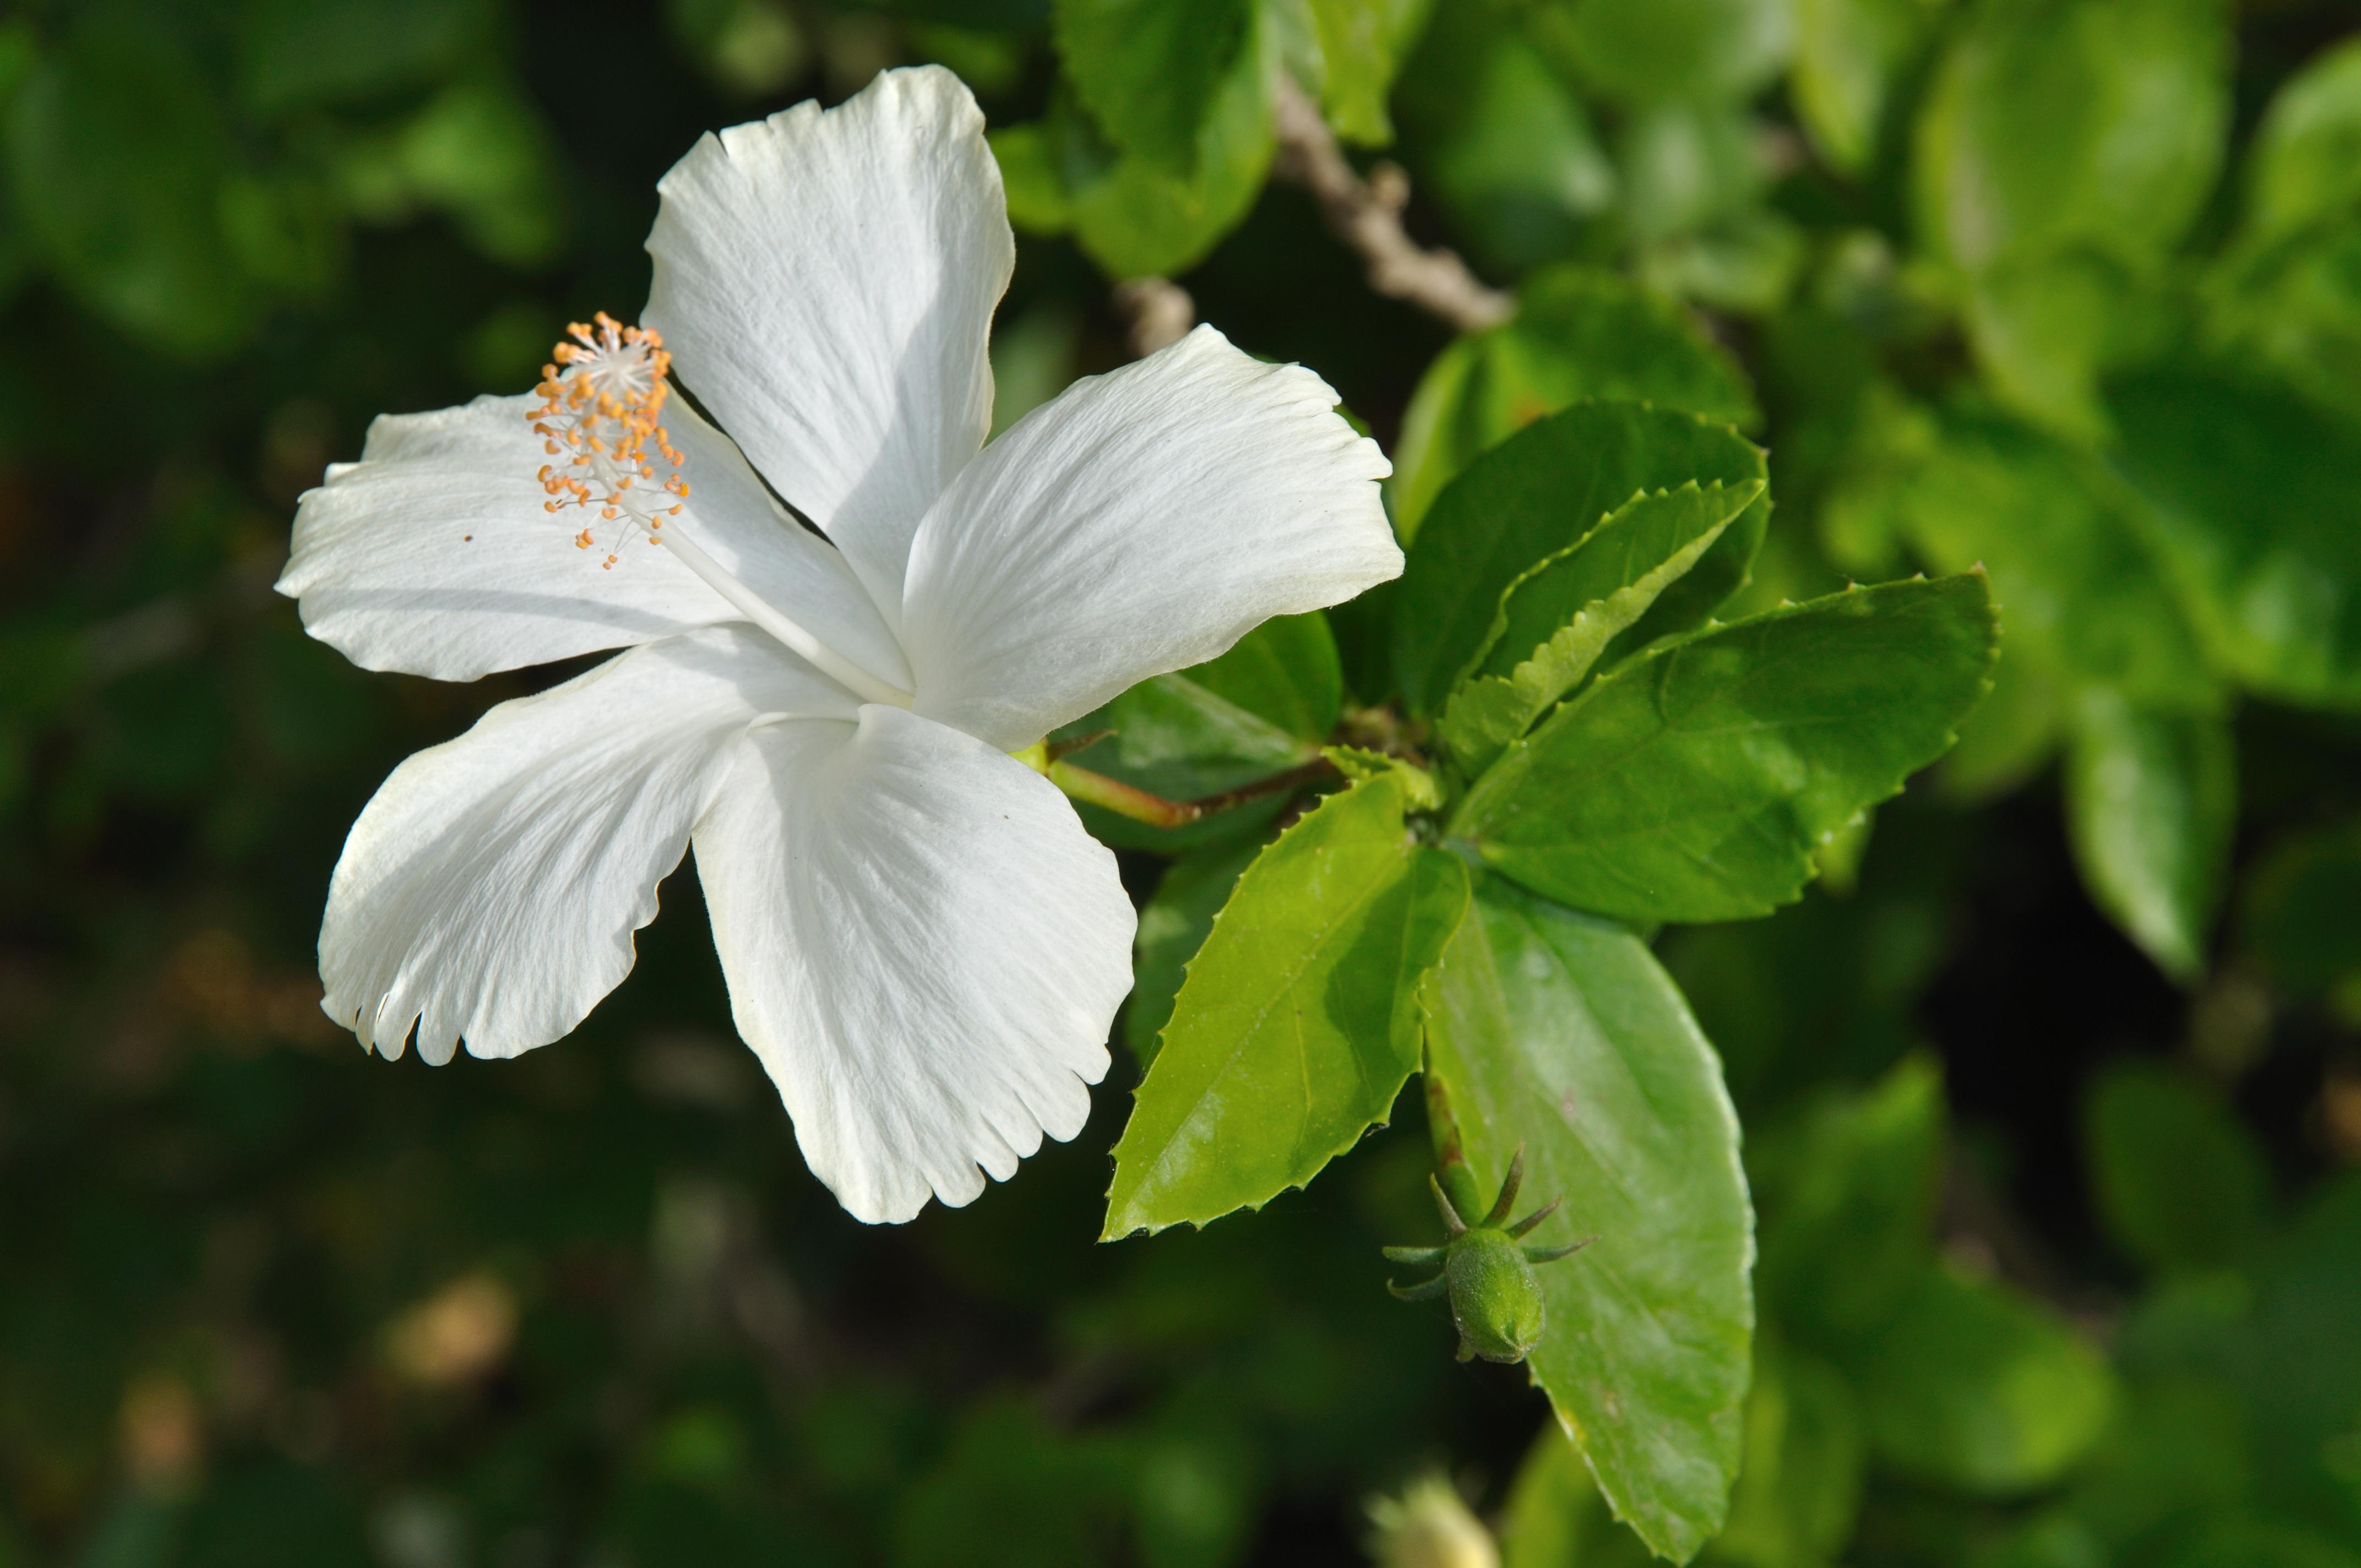 File:White Hibiscus 5821.JPG - Wikimedia Commons